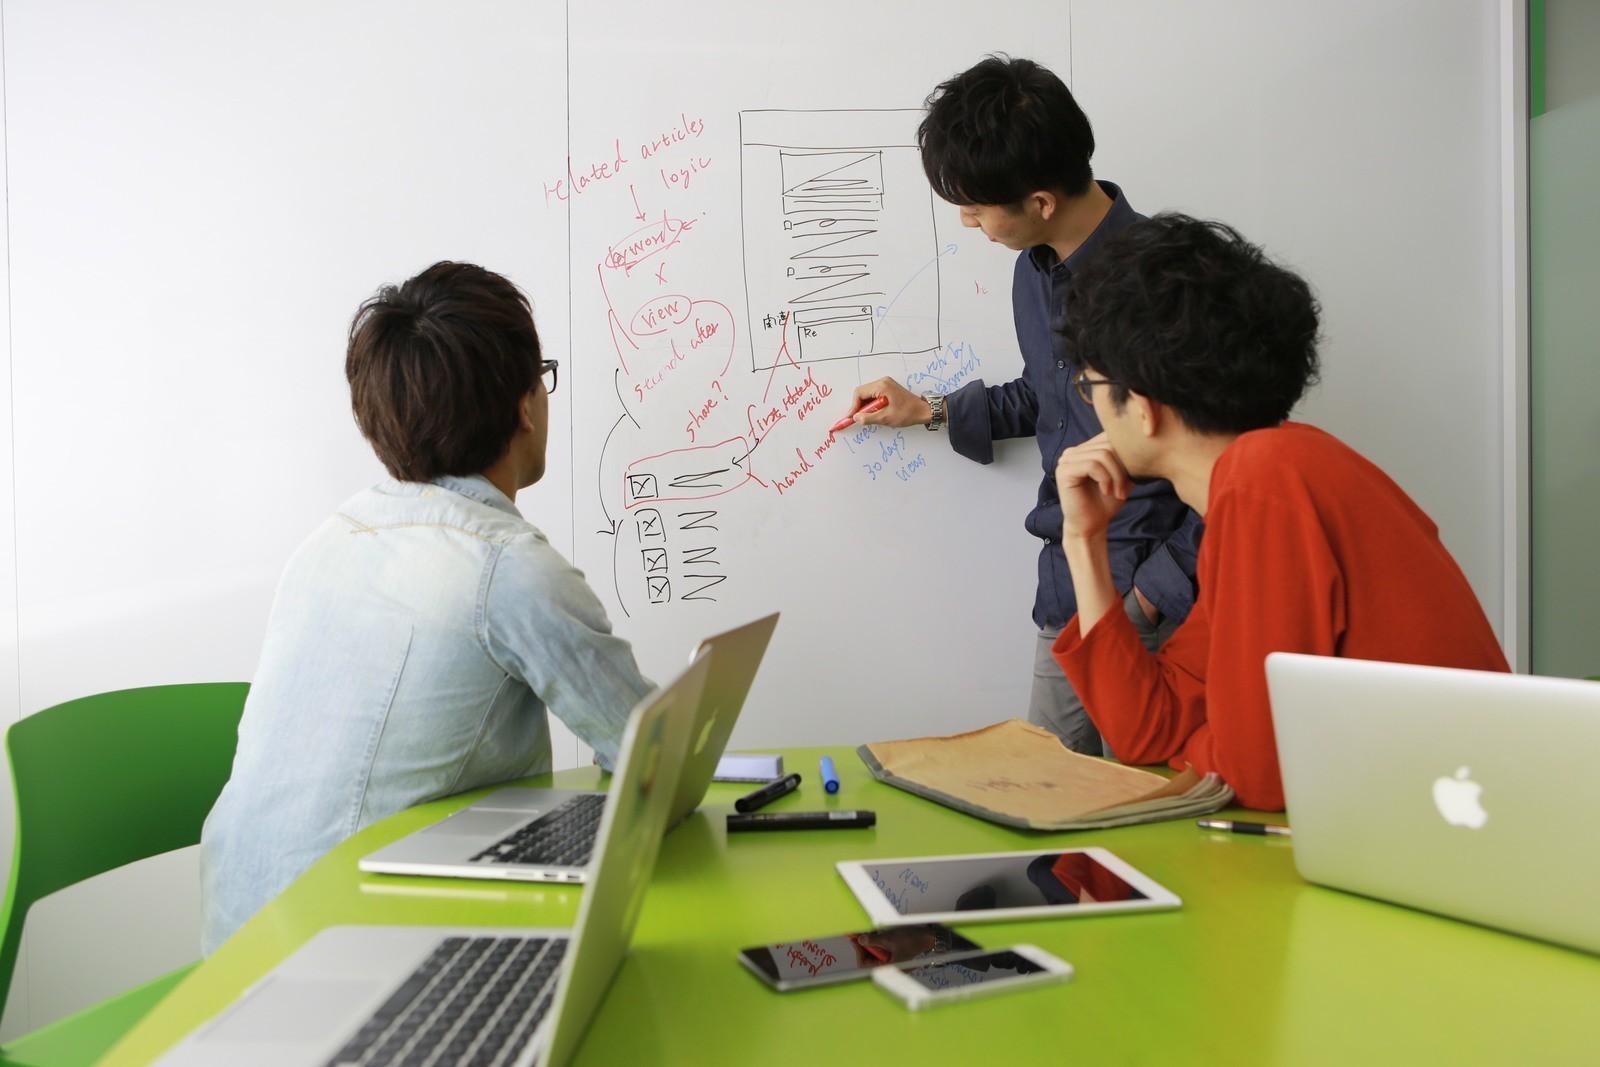 福祉・教育課題を技術で解決するフロントエンドエンジニアを募集!【リーダー候補】